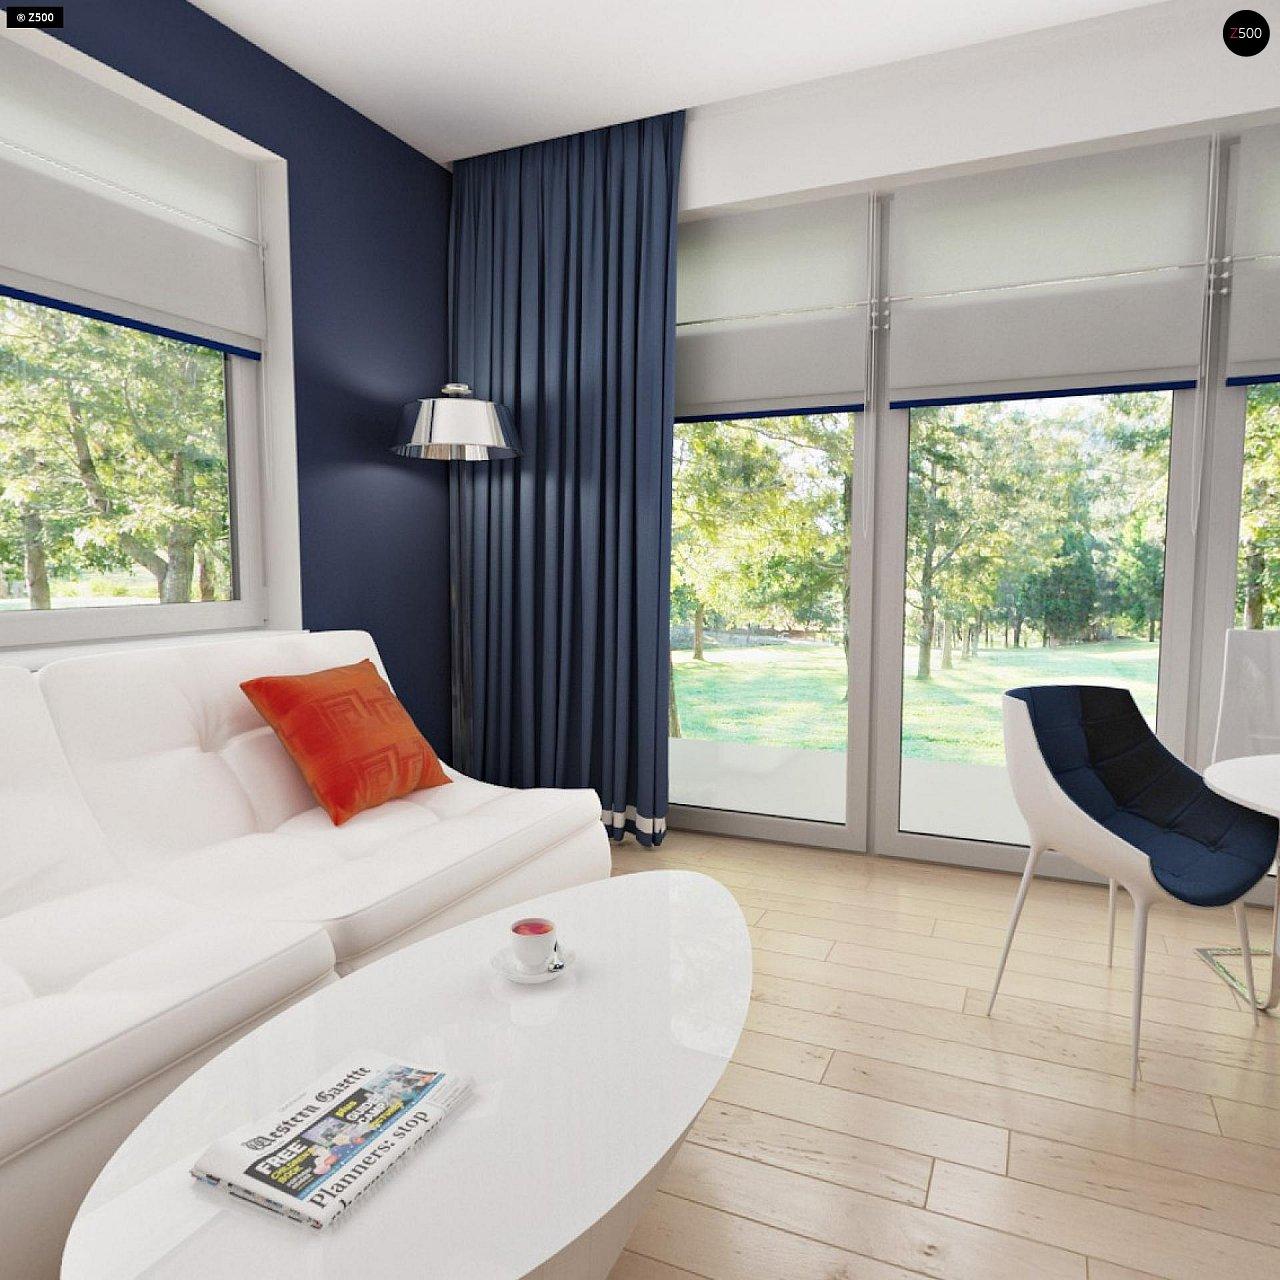 Дом с мансардным этажом, адаптированный для сейсмоопасных регионов. 9